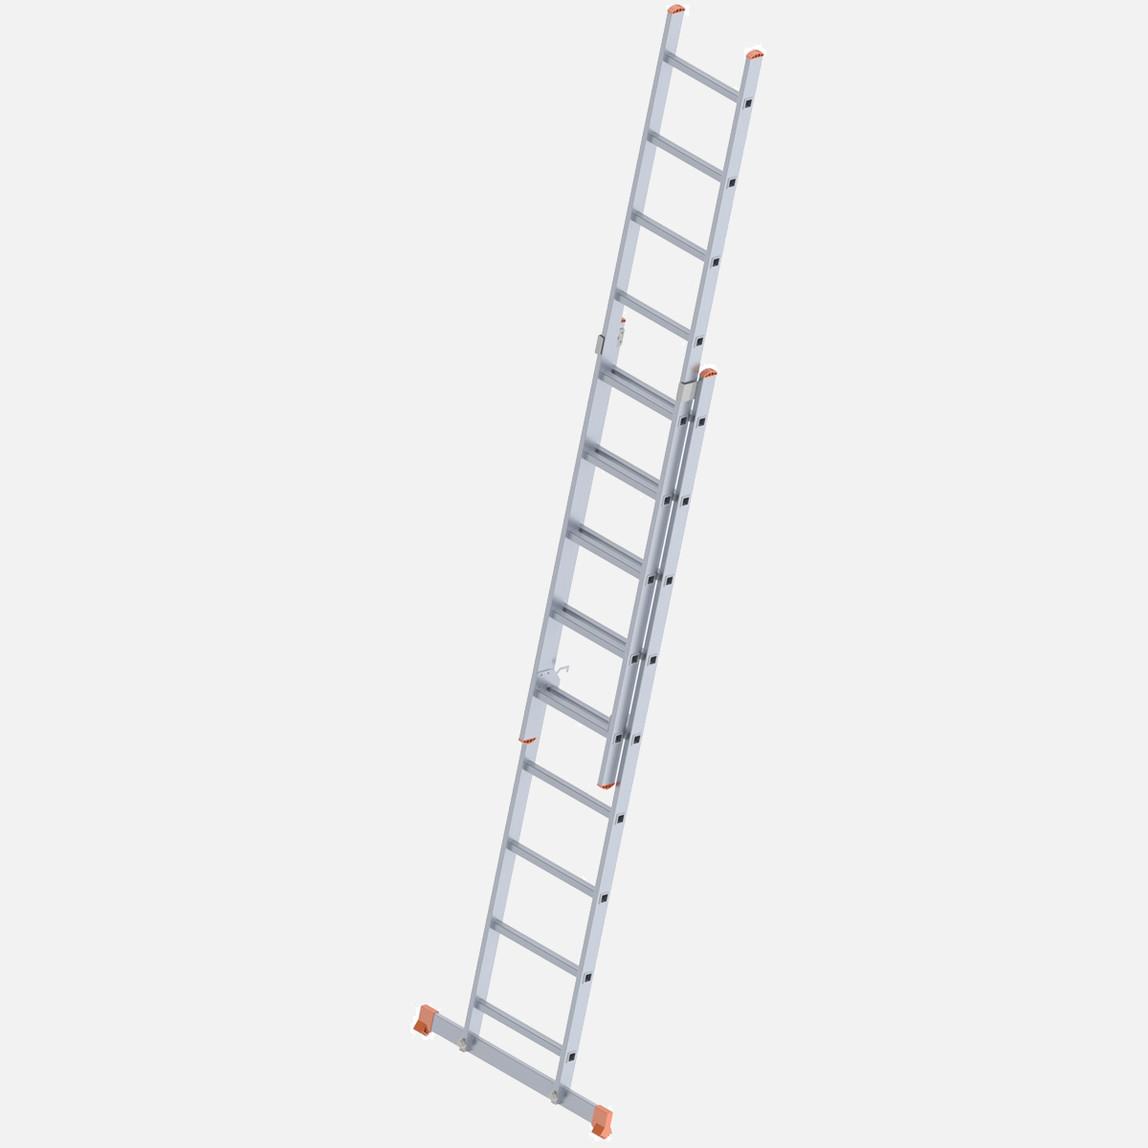 Saraylı 2 Kademeli Sürgülü 2X9 Basamaklı Aluminyum Endüstriyel Merdiven